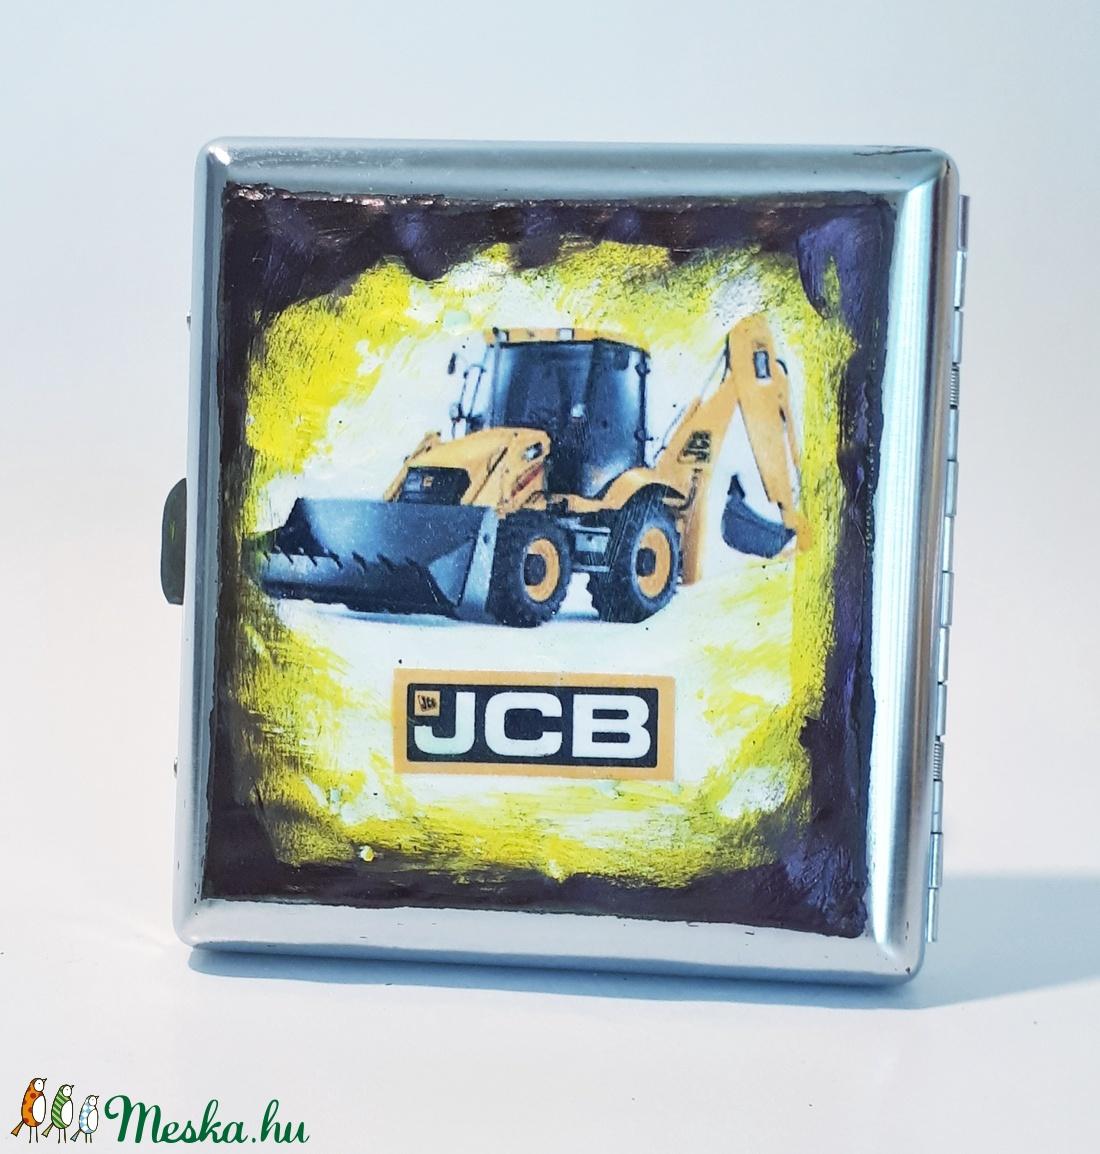 JCB traktor sötétben fluoreszkáló fém cigaretta tárca, cigi tartó rajongói ajándék férfiaknak, férjeknek, barátoknak. (Biborvarazs) - Meska.hu